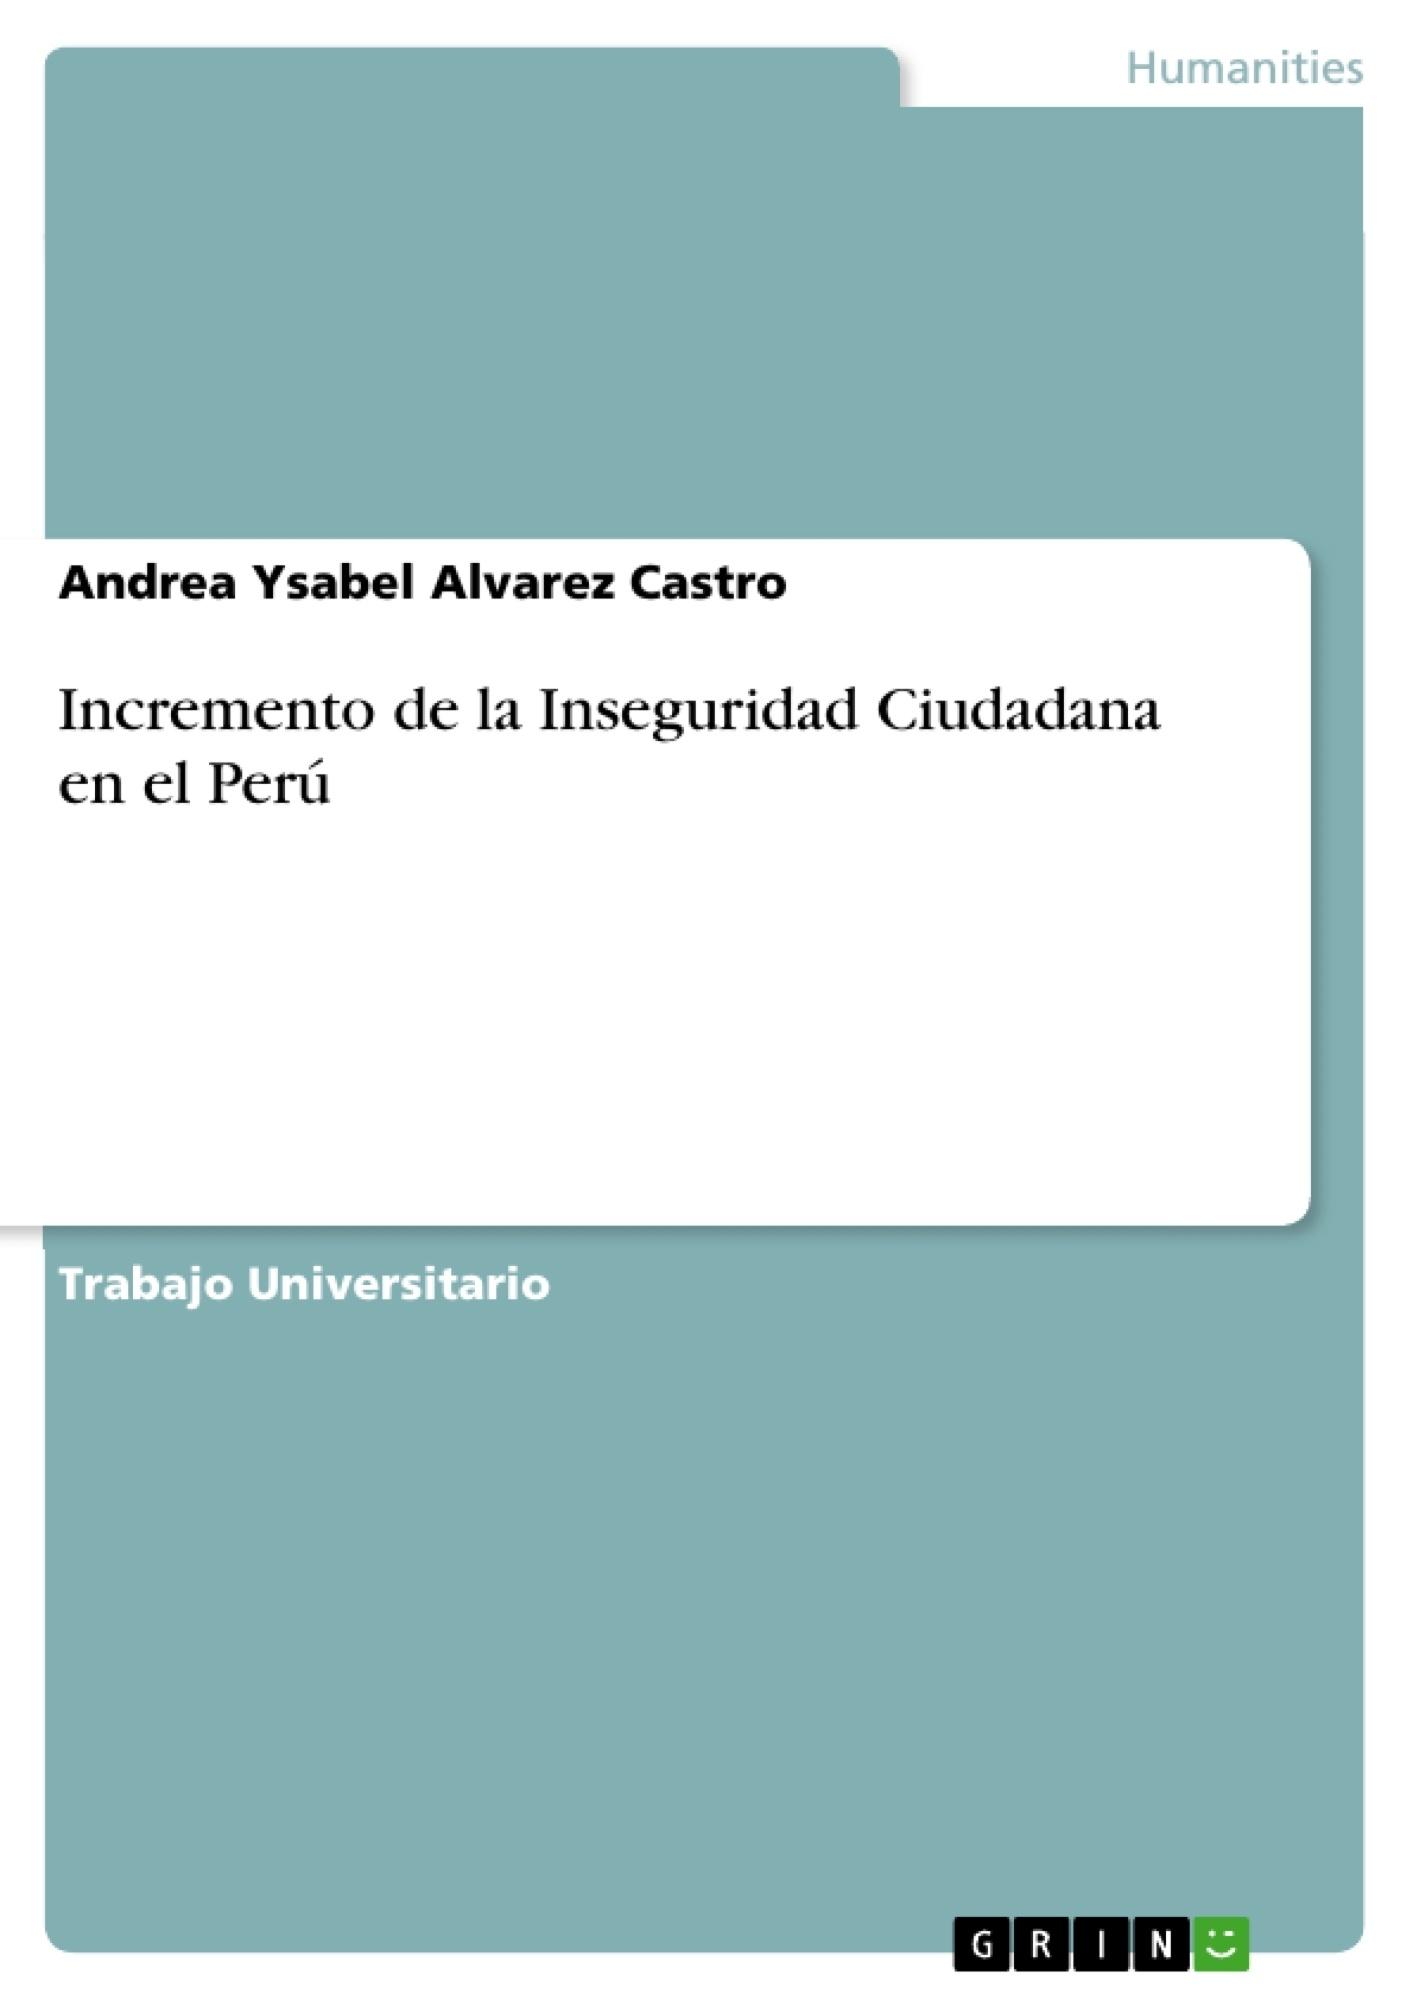 Título: Incremento de la Inseguridad Ciudadana en el Perú